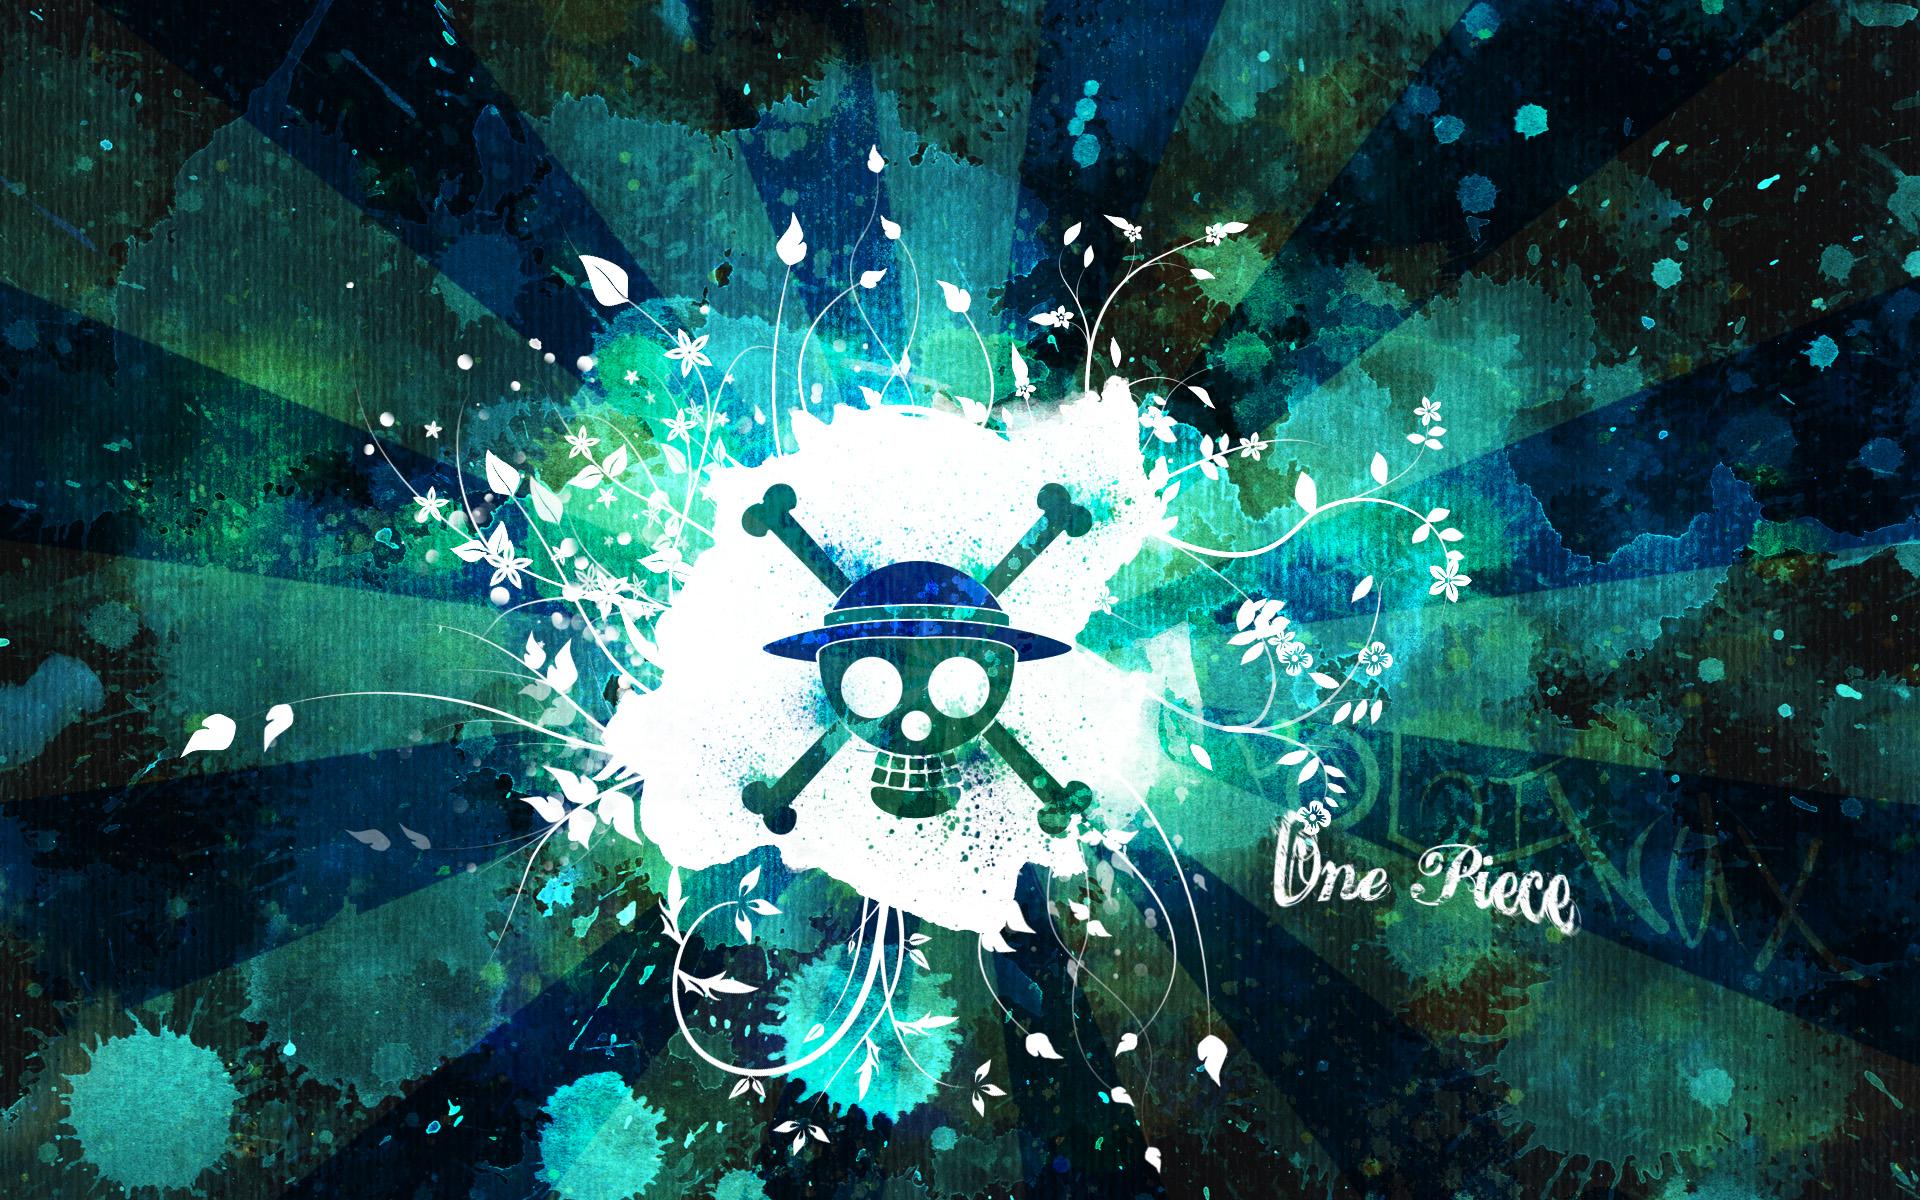 One Piece 1920x1200 1920x1200